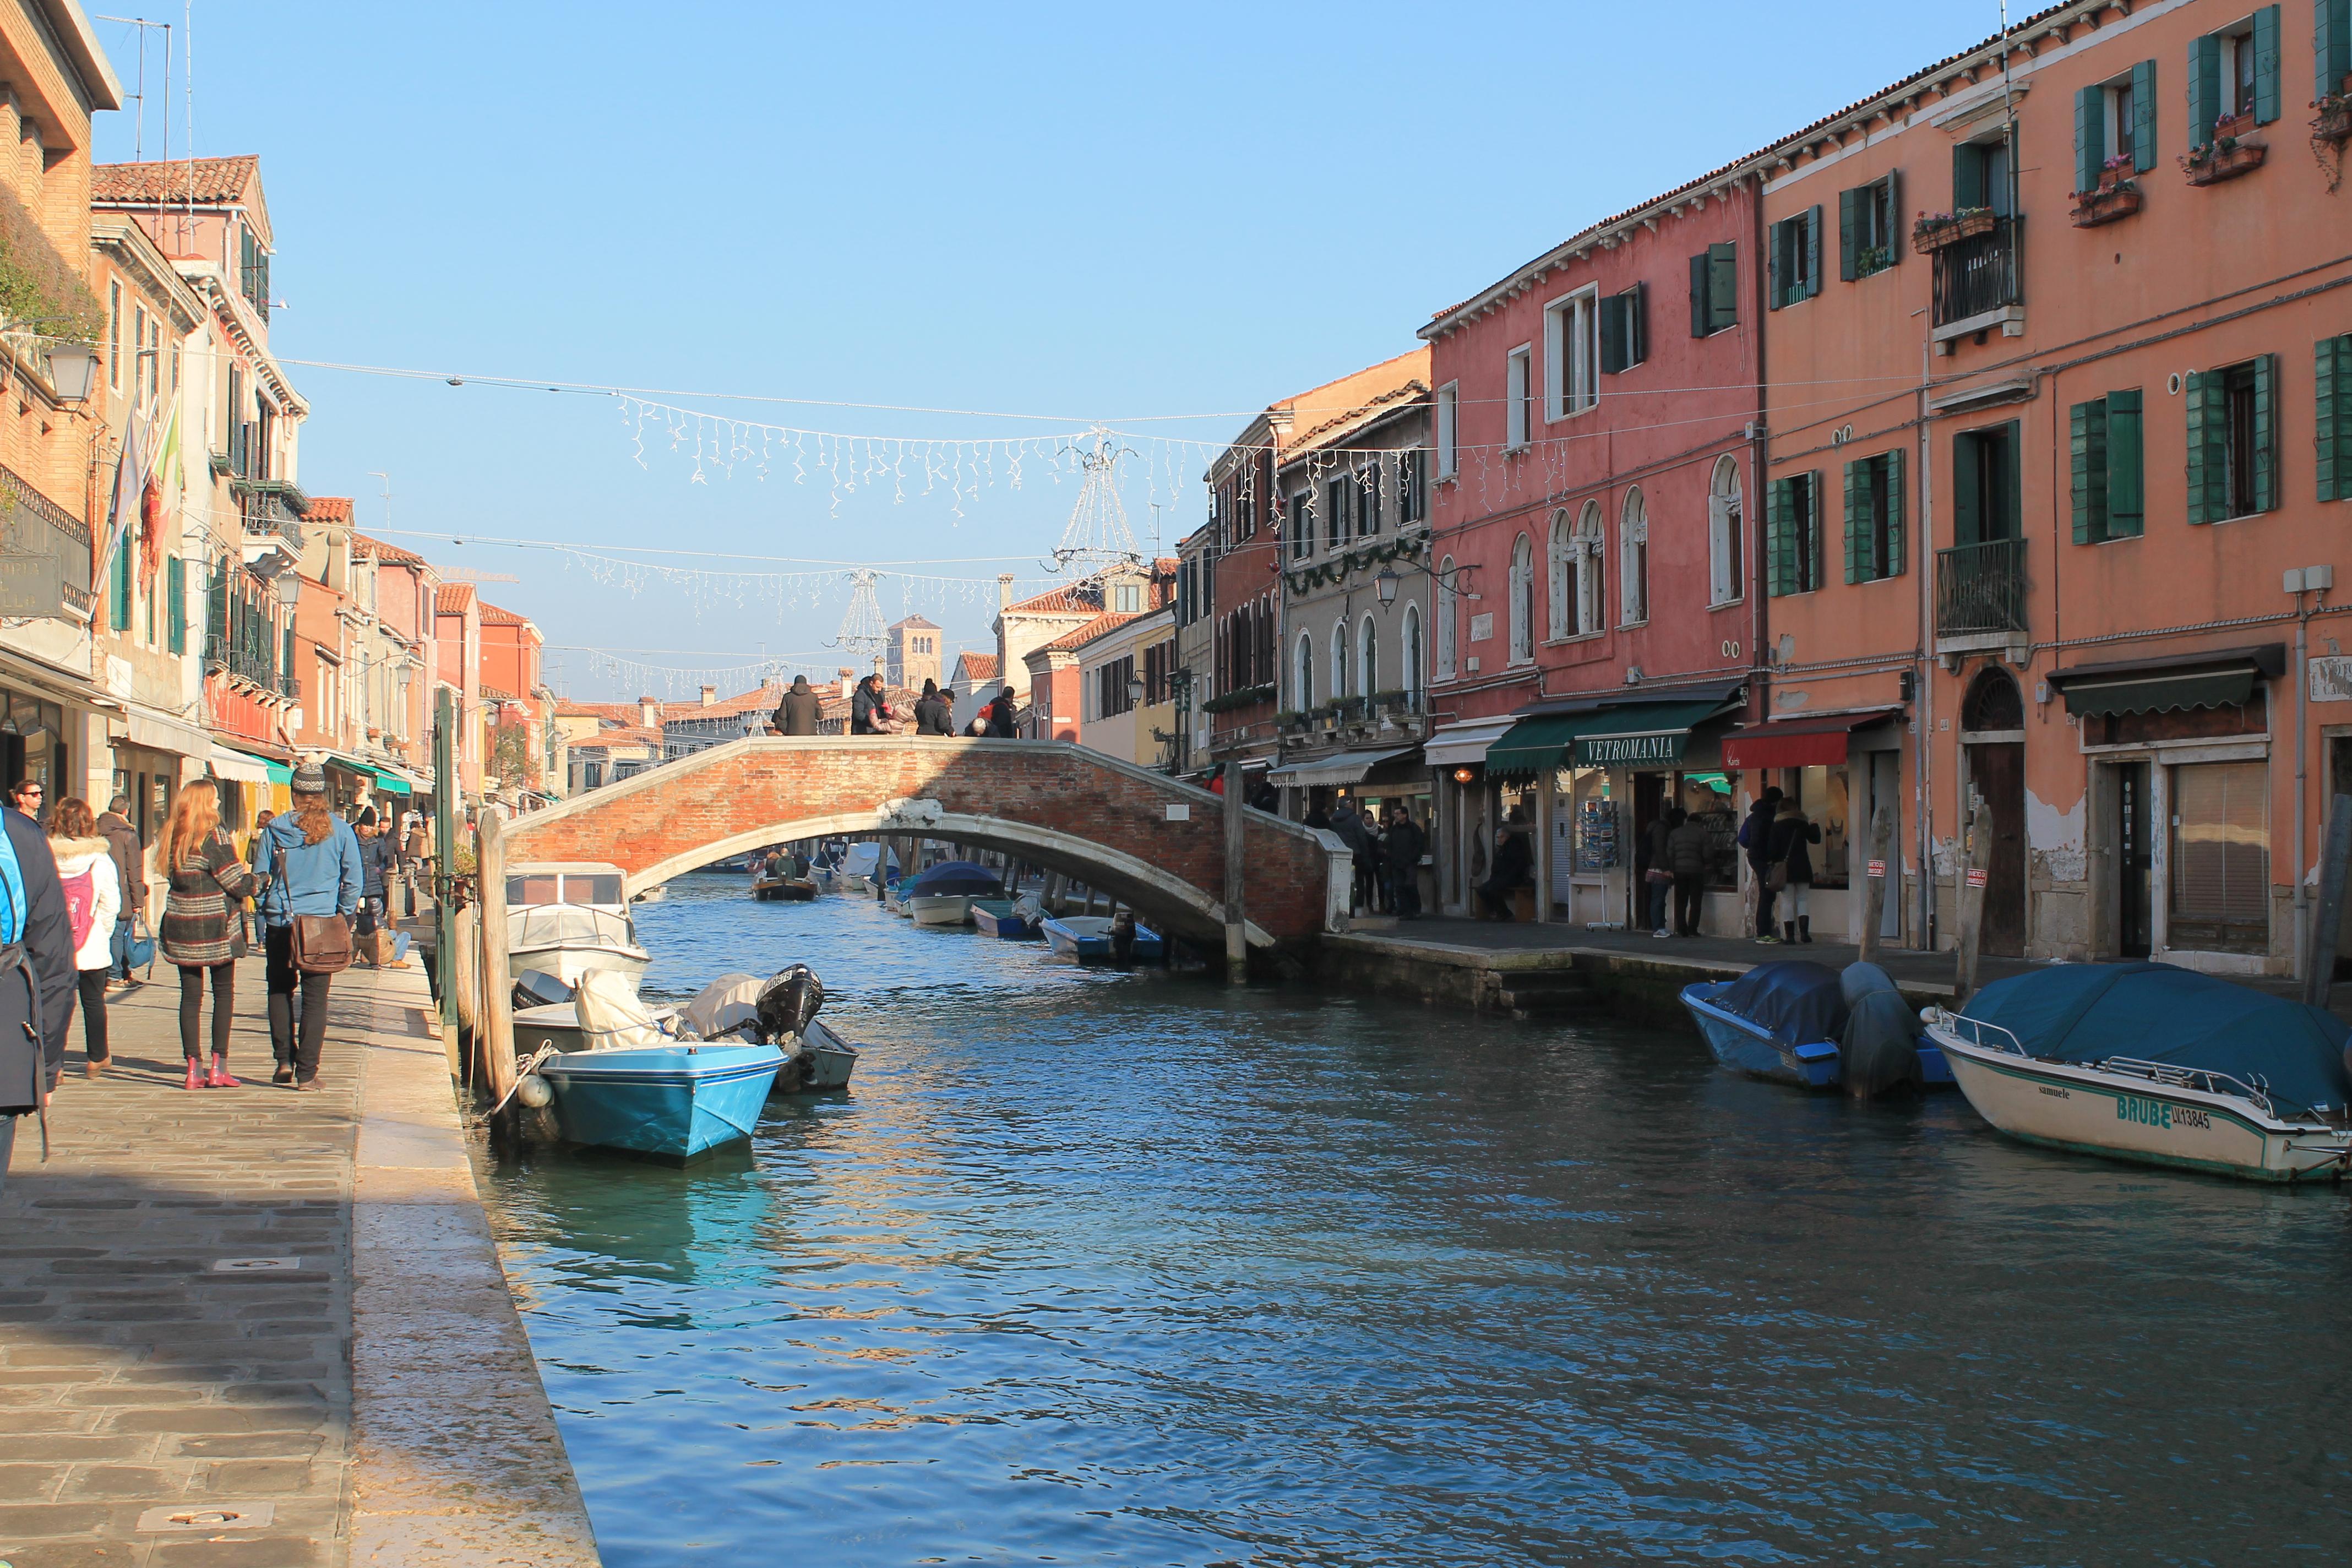 Mangiare bene a Venezia: ecco gli indirizzi da segnare